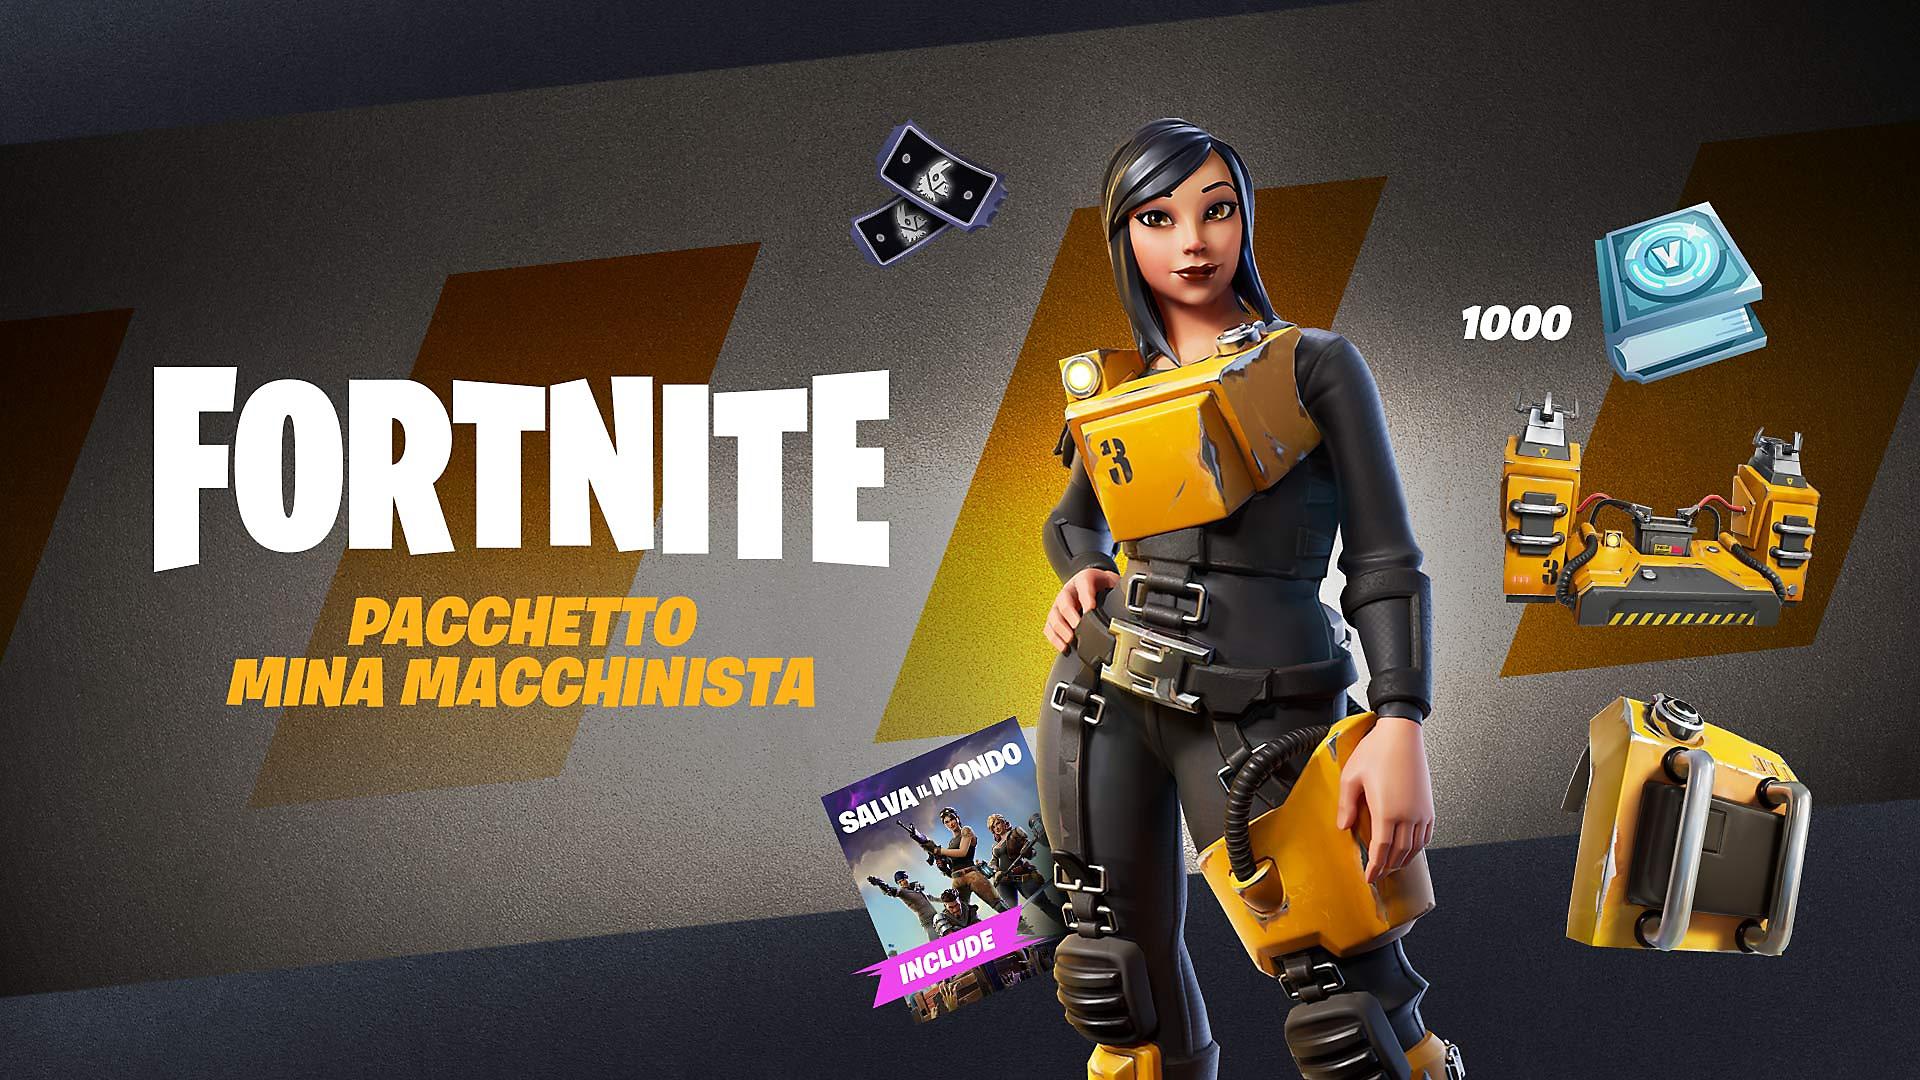 Fortnite - Pacchetto Potenza - Immagine Store